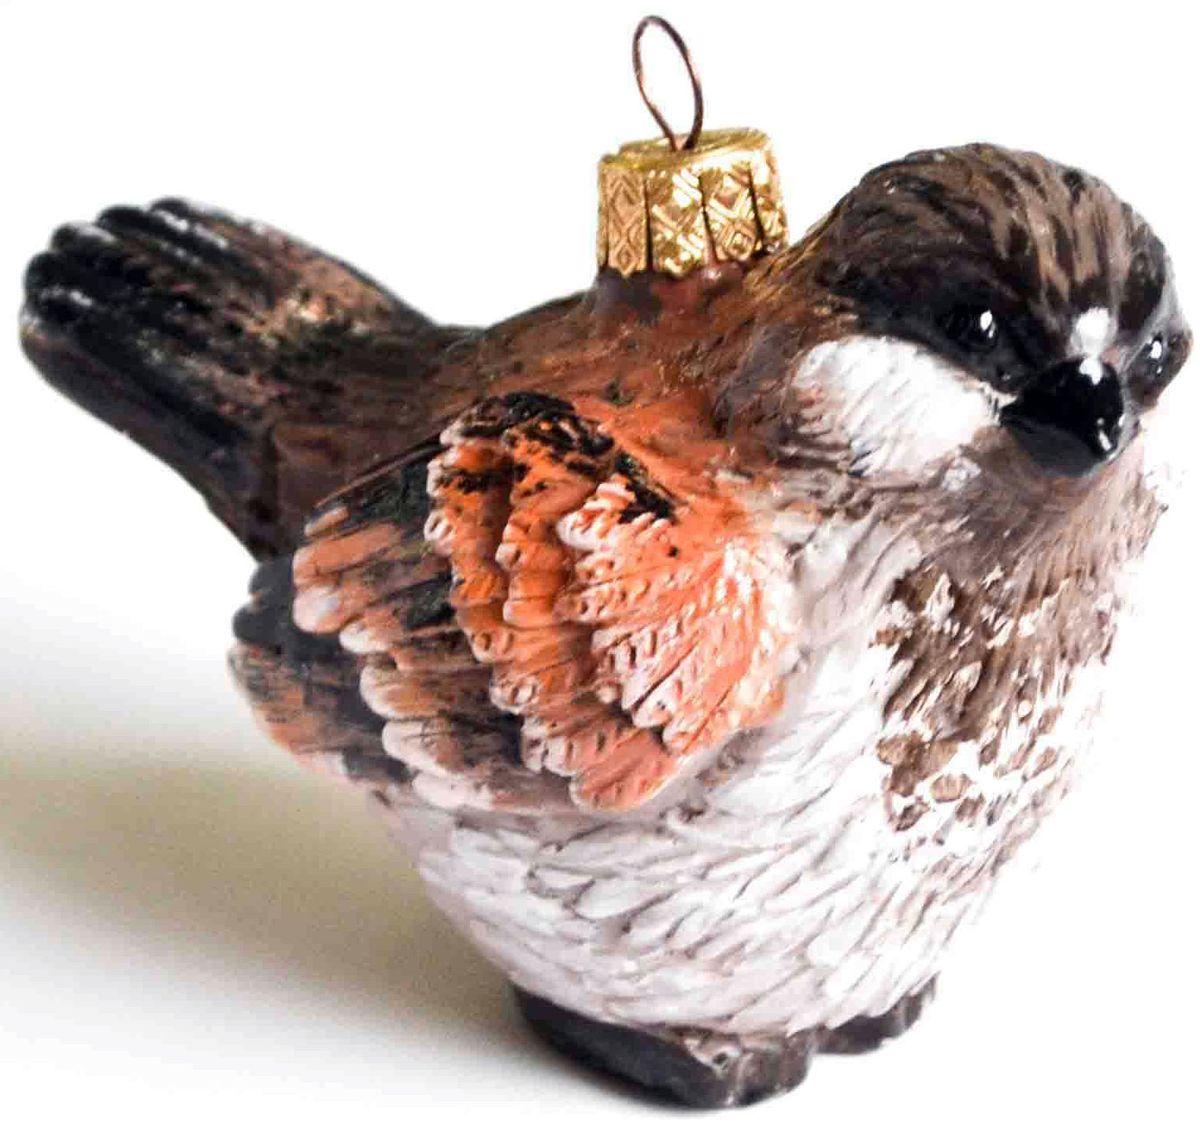 Украшение новогоднее подвесное Воробей, цвет: коричневый, черный, белый, 9,5 х 5 х 7,7 смЕГ-9Елочная игрушка - символ приближающегося праздника. Она послужит прекрасным подарком как для ребенка, так и для взрослого, а также дополнит новогодний интерьер. Интересная птичка будет отлично смотреться на праздничной елке.